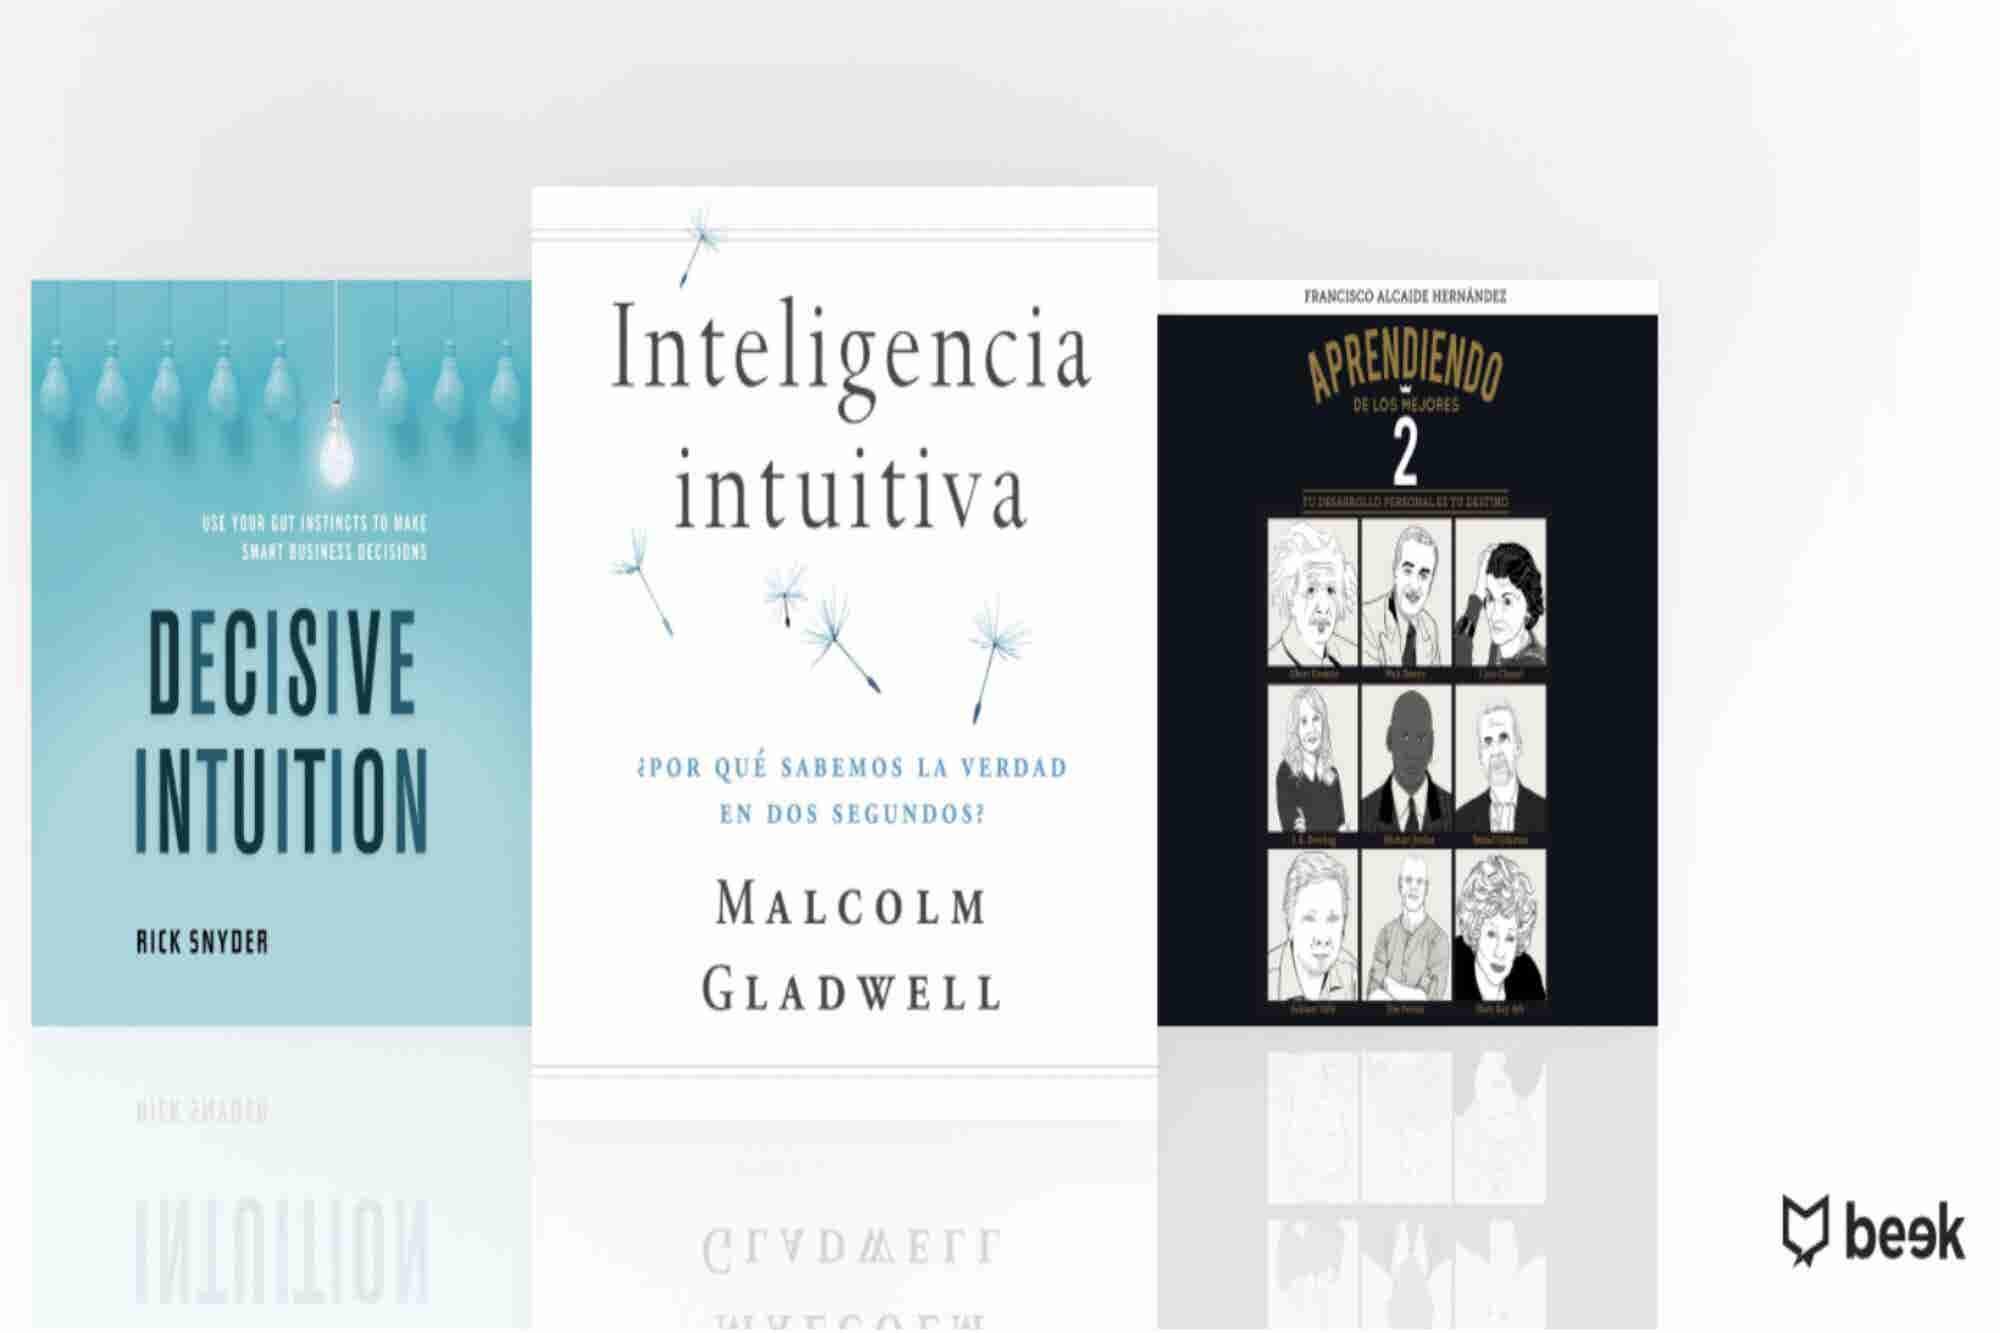 ¿Quieres tomar mejores decisiones? Estos 4 audiolibros en español te enseñarán cómo hacerlo